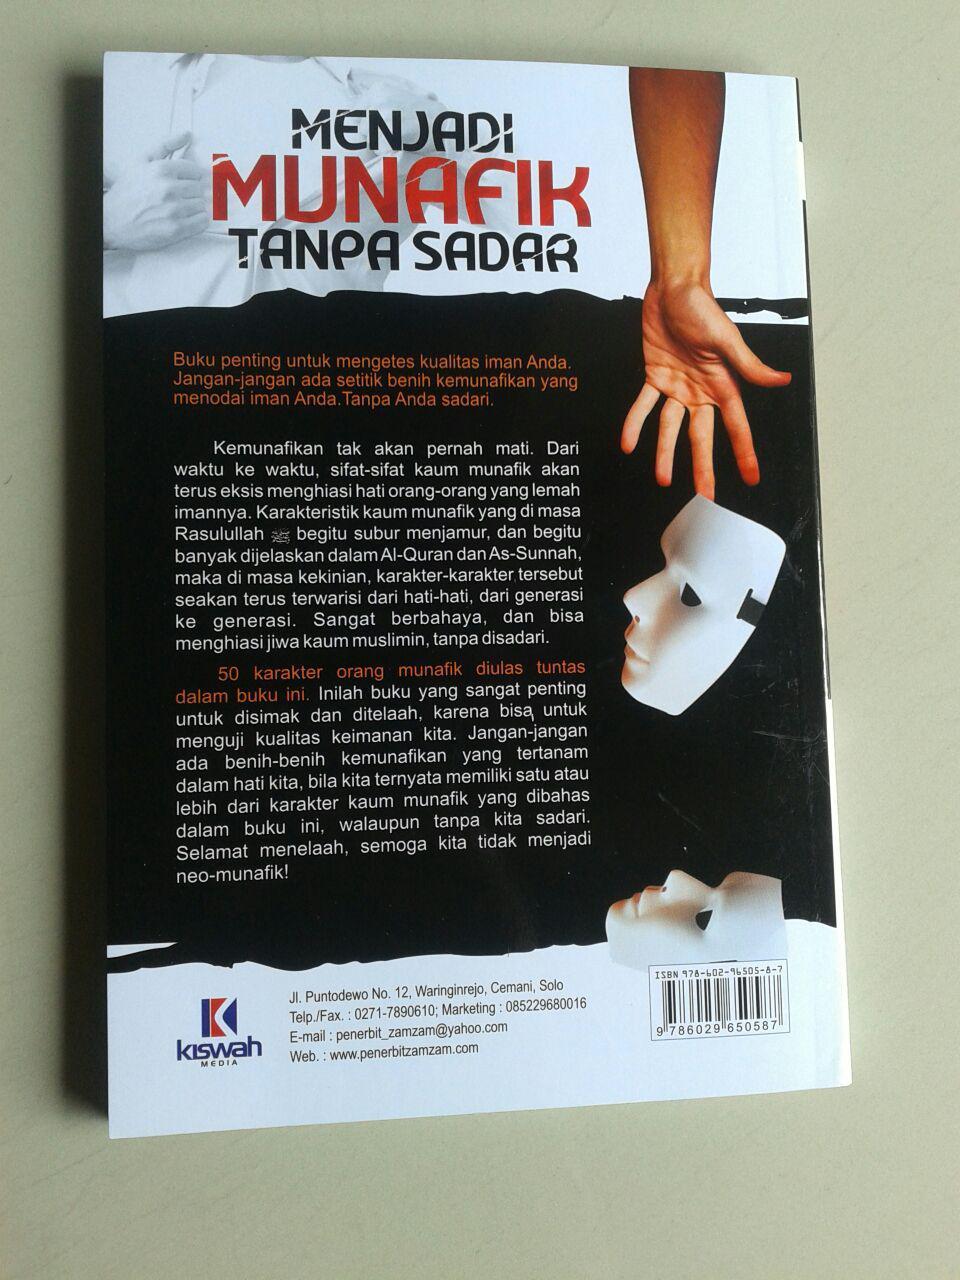 Buku Menjadi Munafik Tanpa Sadar Membedah 50 Karakter Munafik cover 2